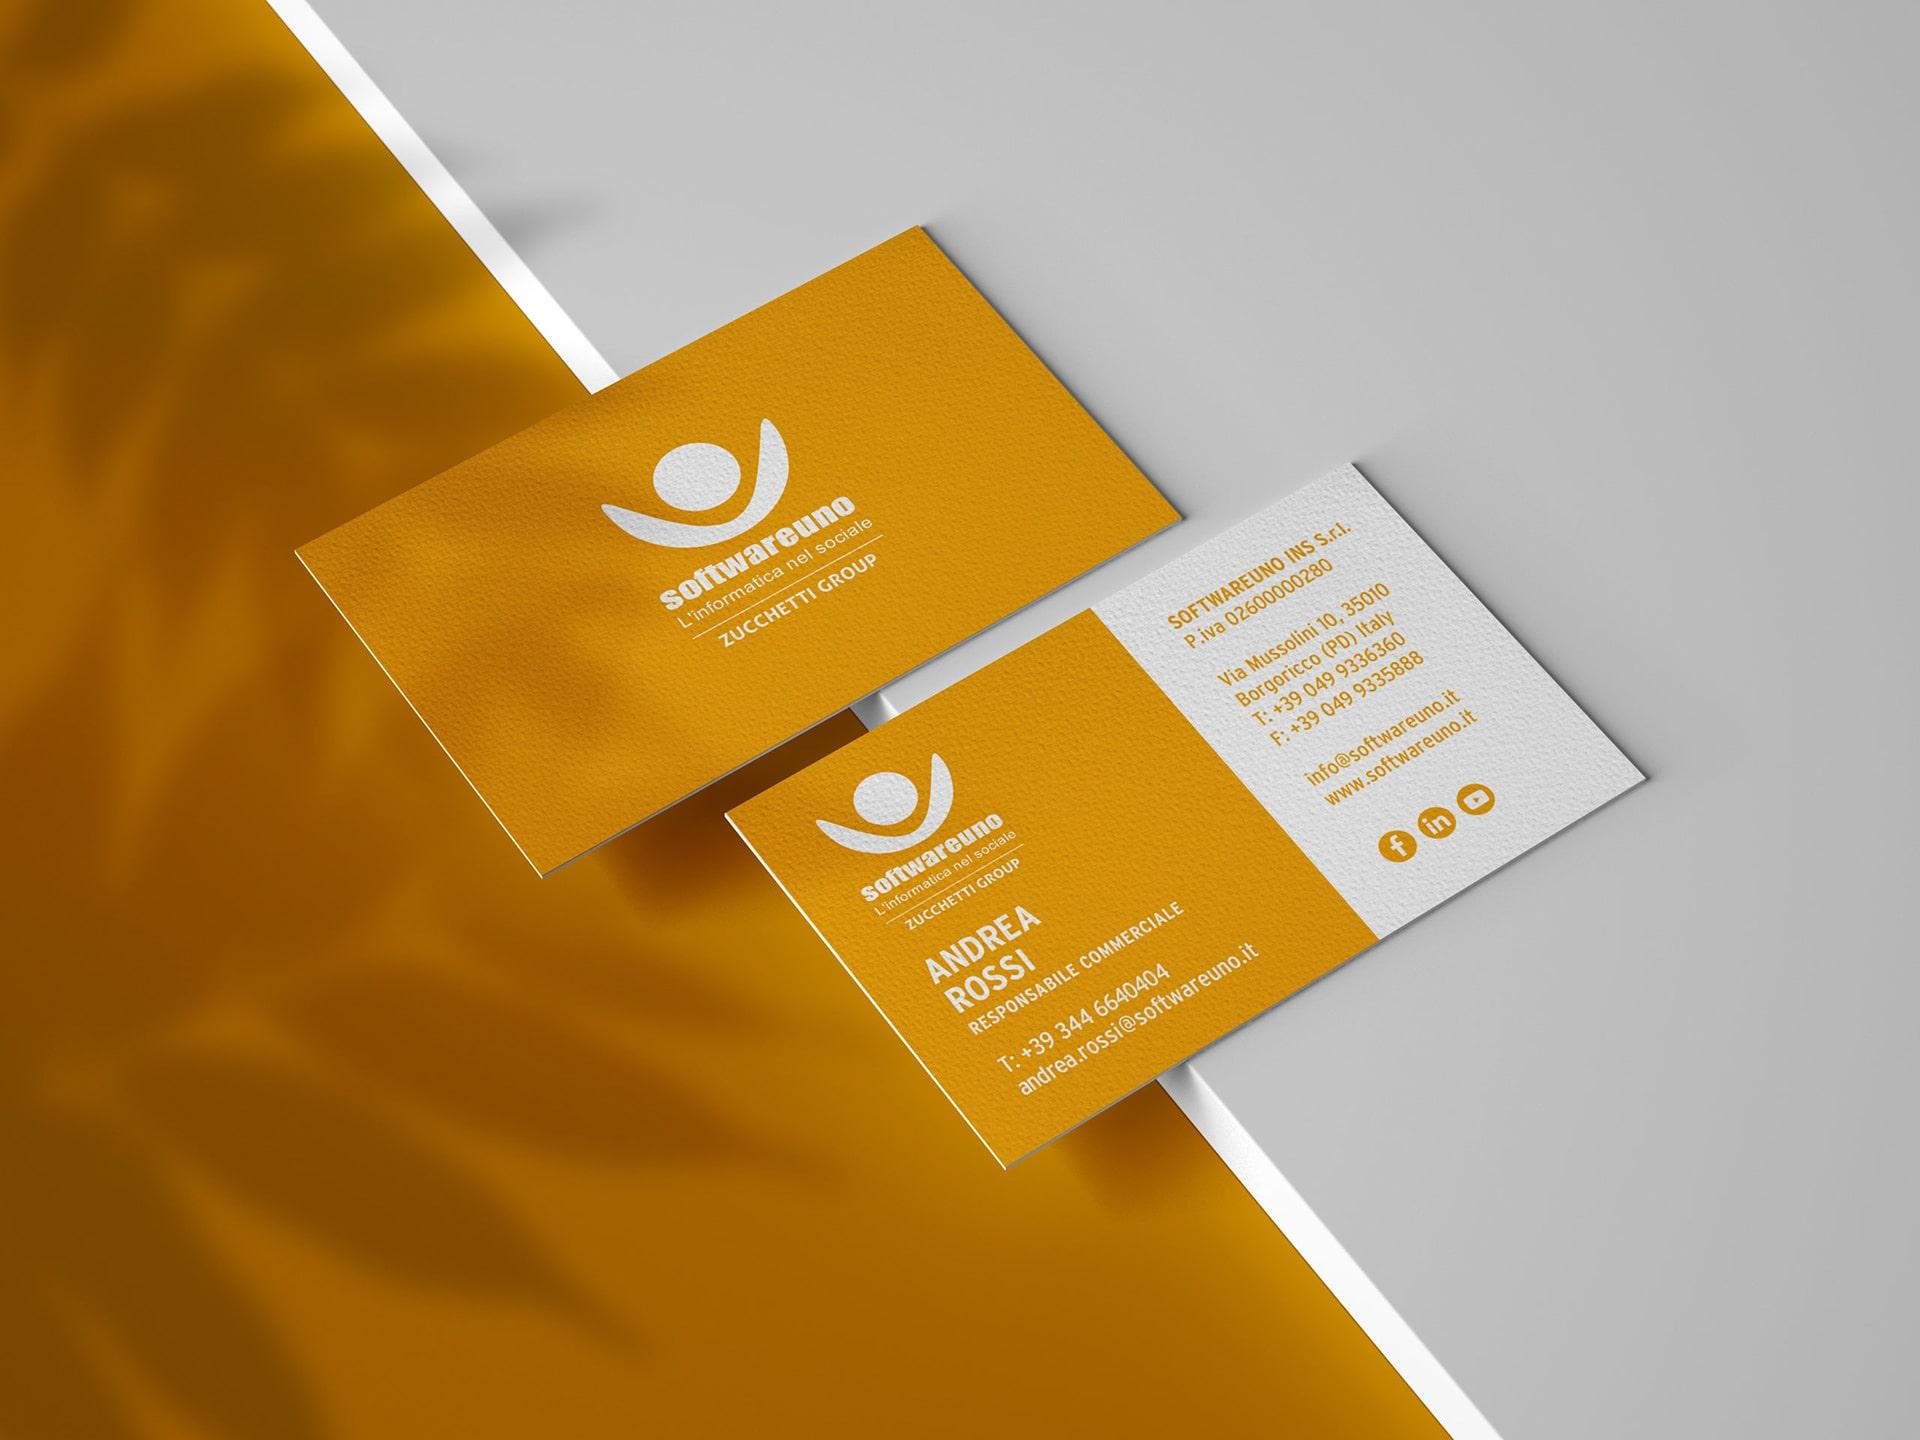 Softwareuno Business Card